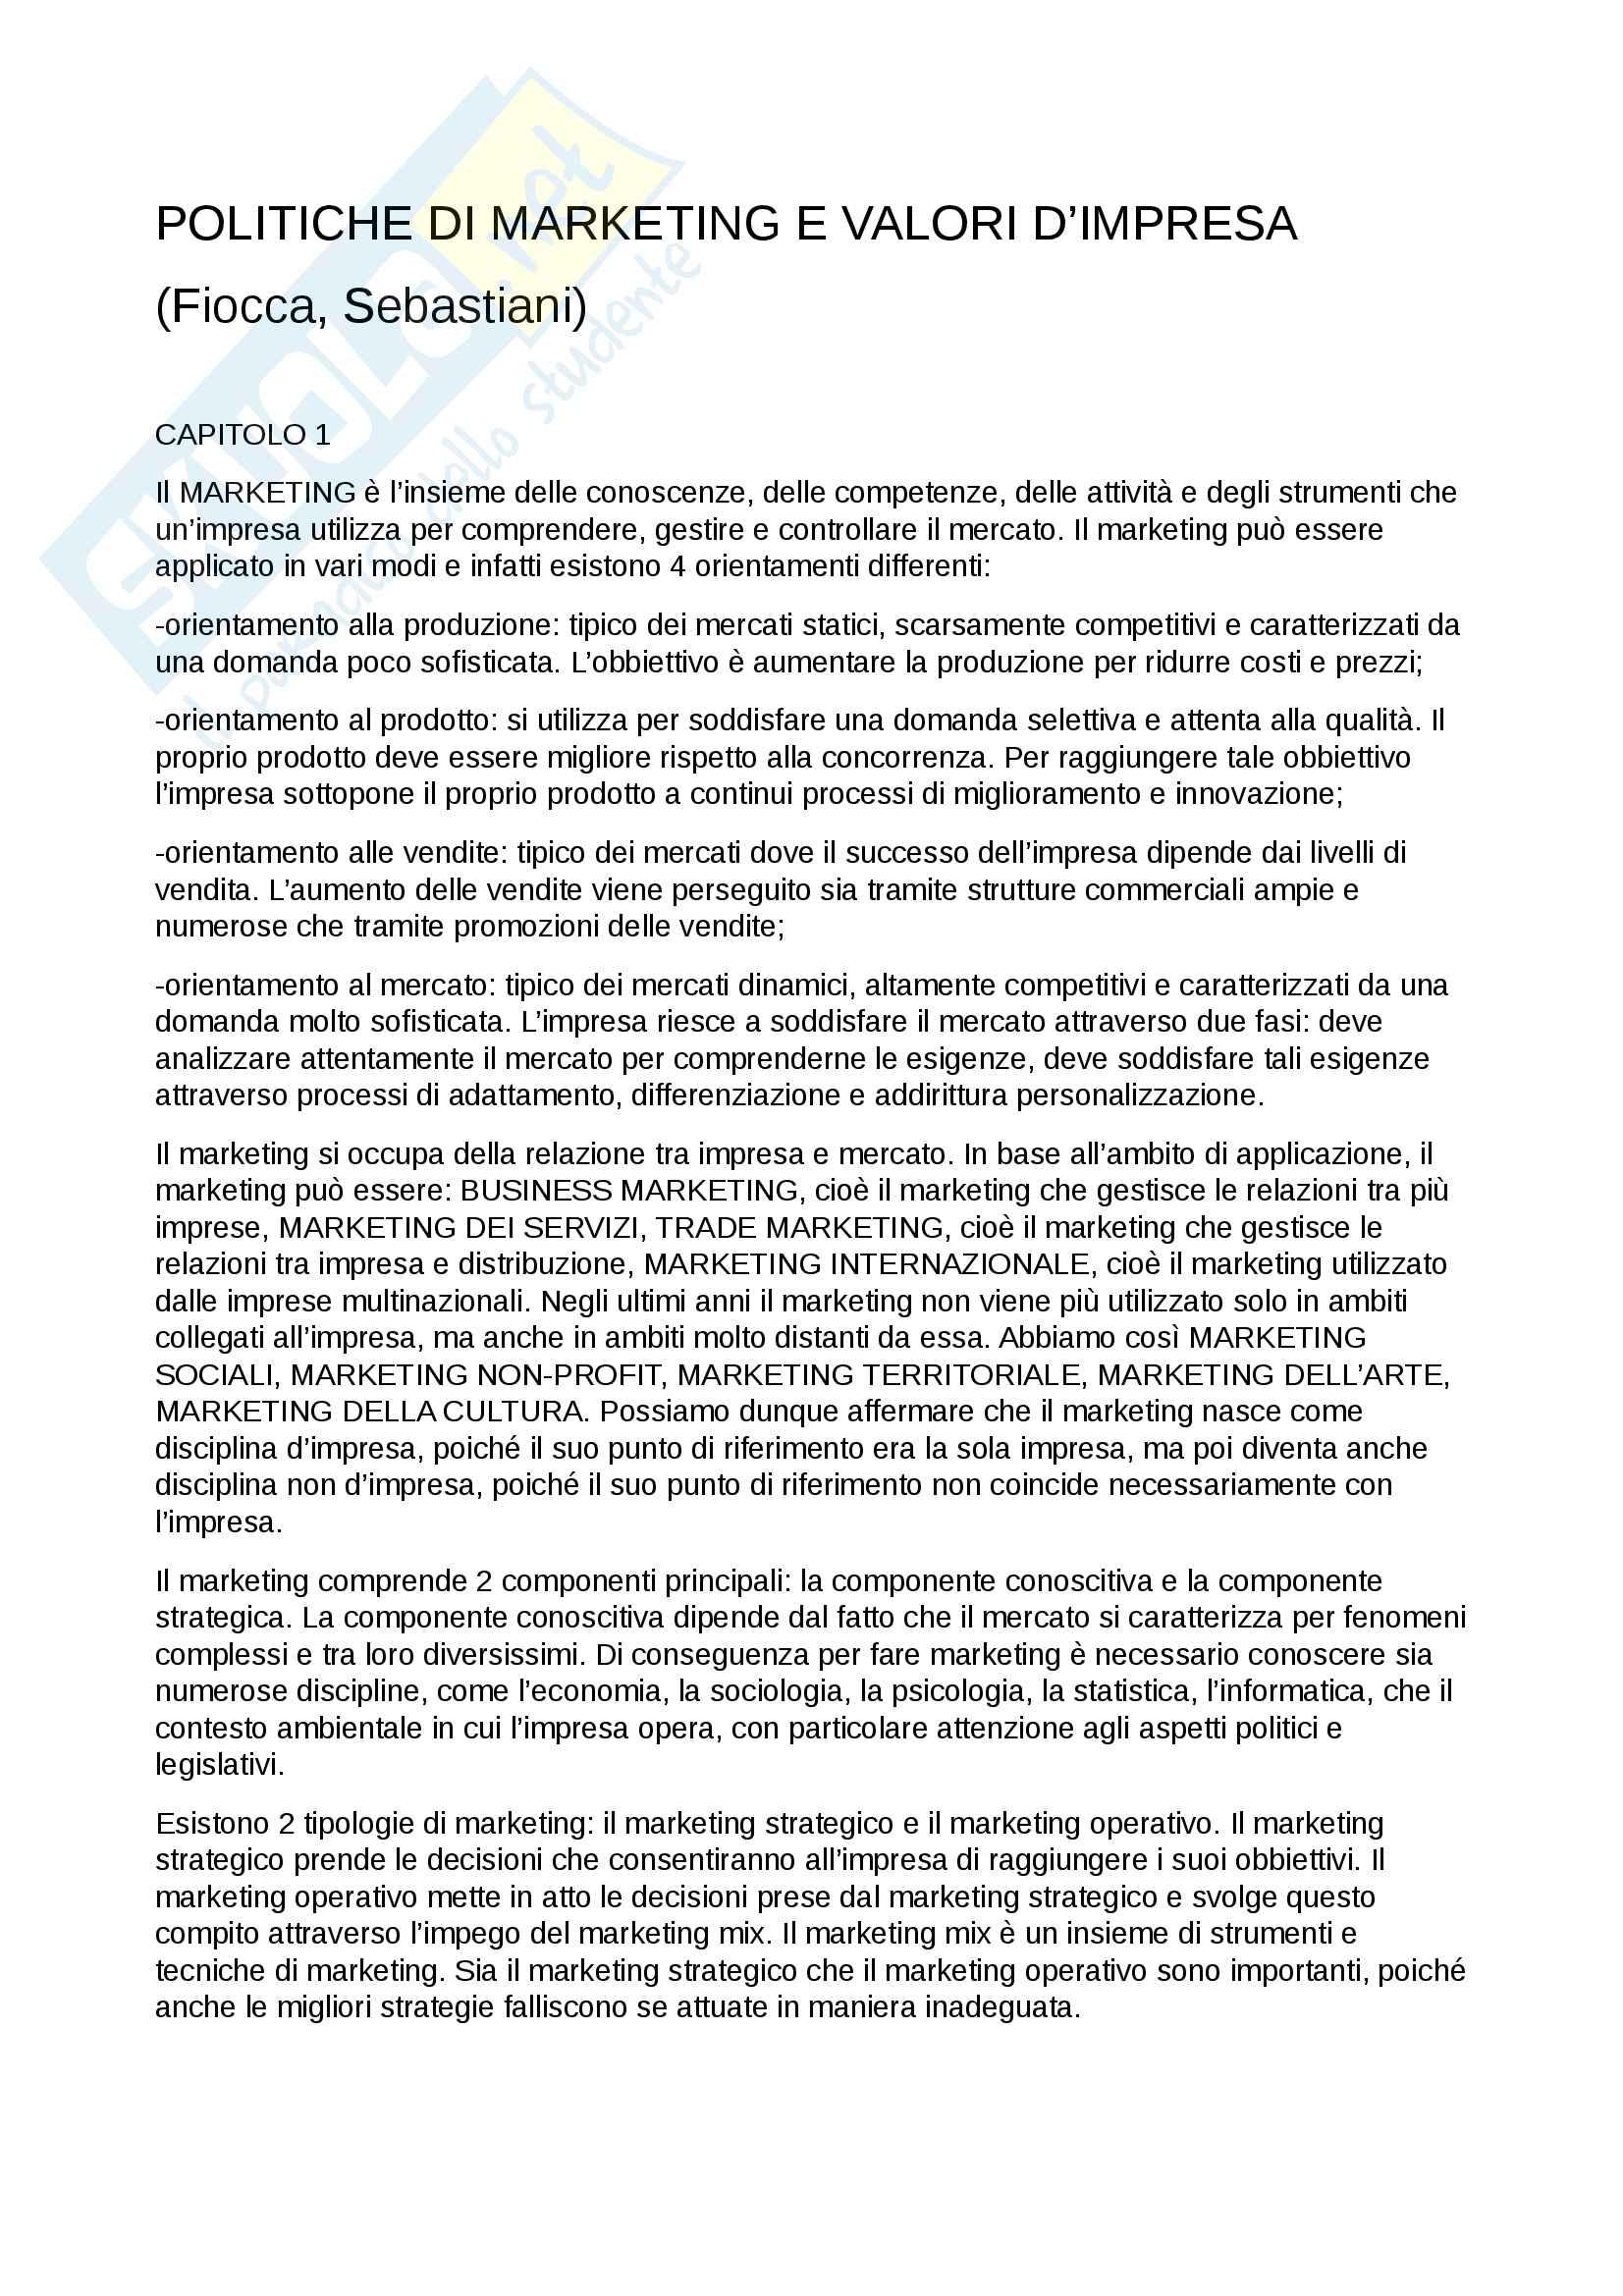 """Riassunto esame di marketing, prof. Giovanni Covassi, libro consigliato """"Politiche di marketing e valori d'impresa"""", 2014, R. Fiocca, R. Sebastiani"""